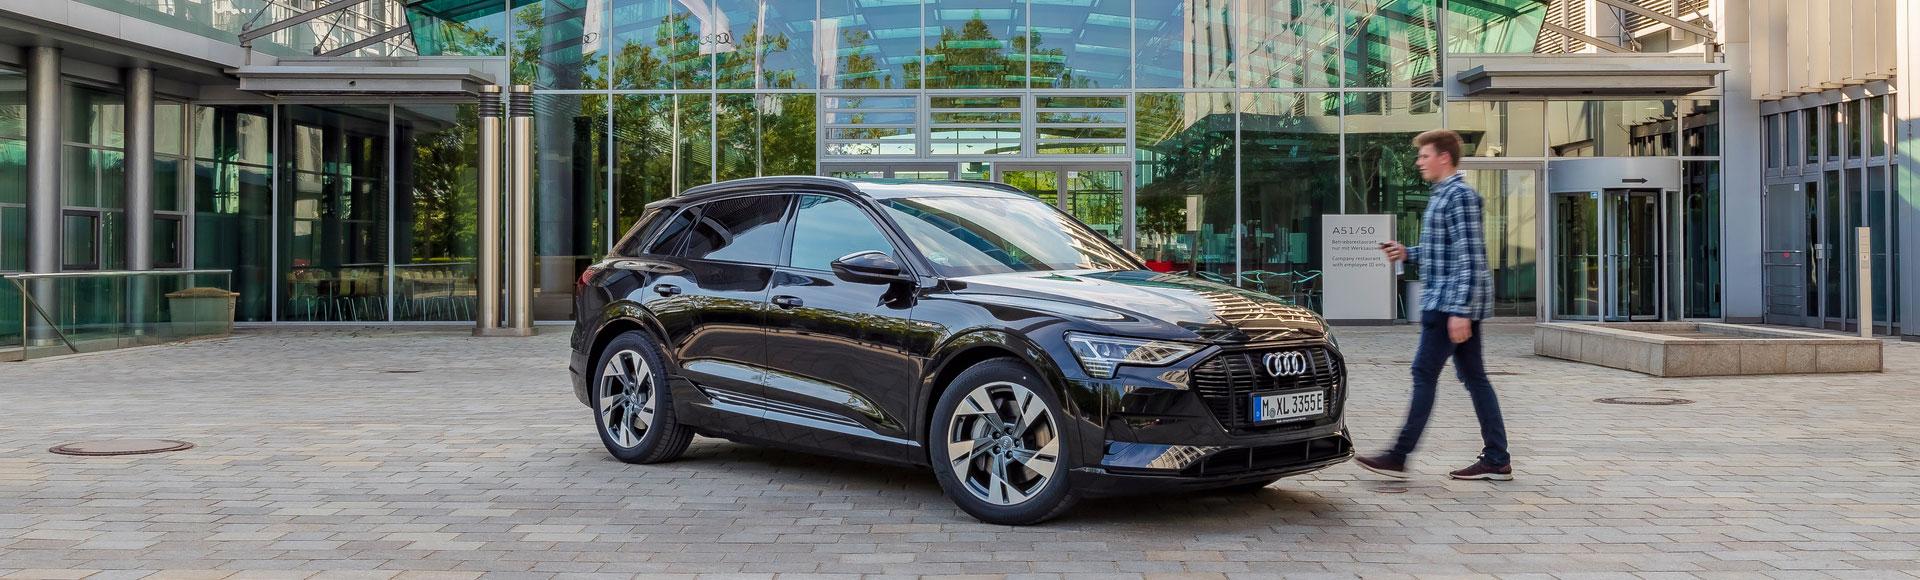 Audi e tron 2019 Spring Sommer 0825